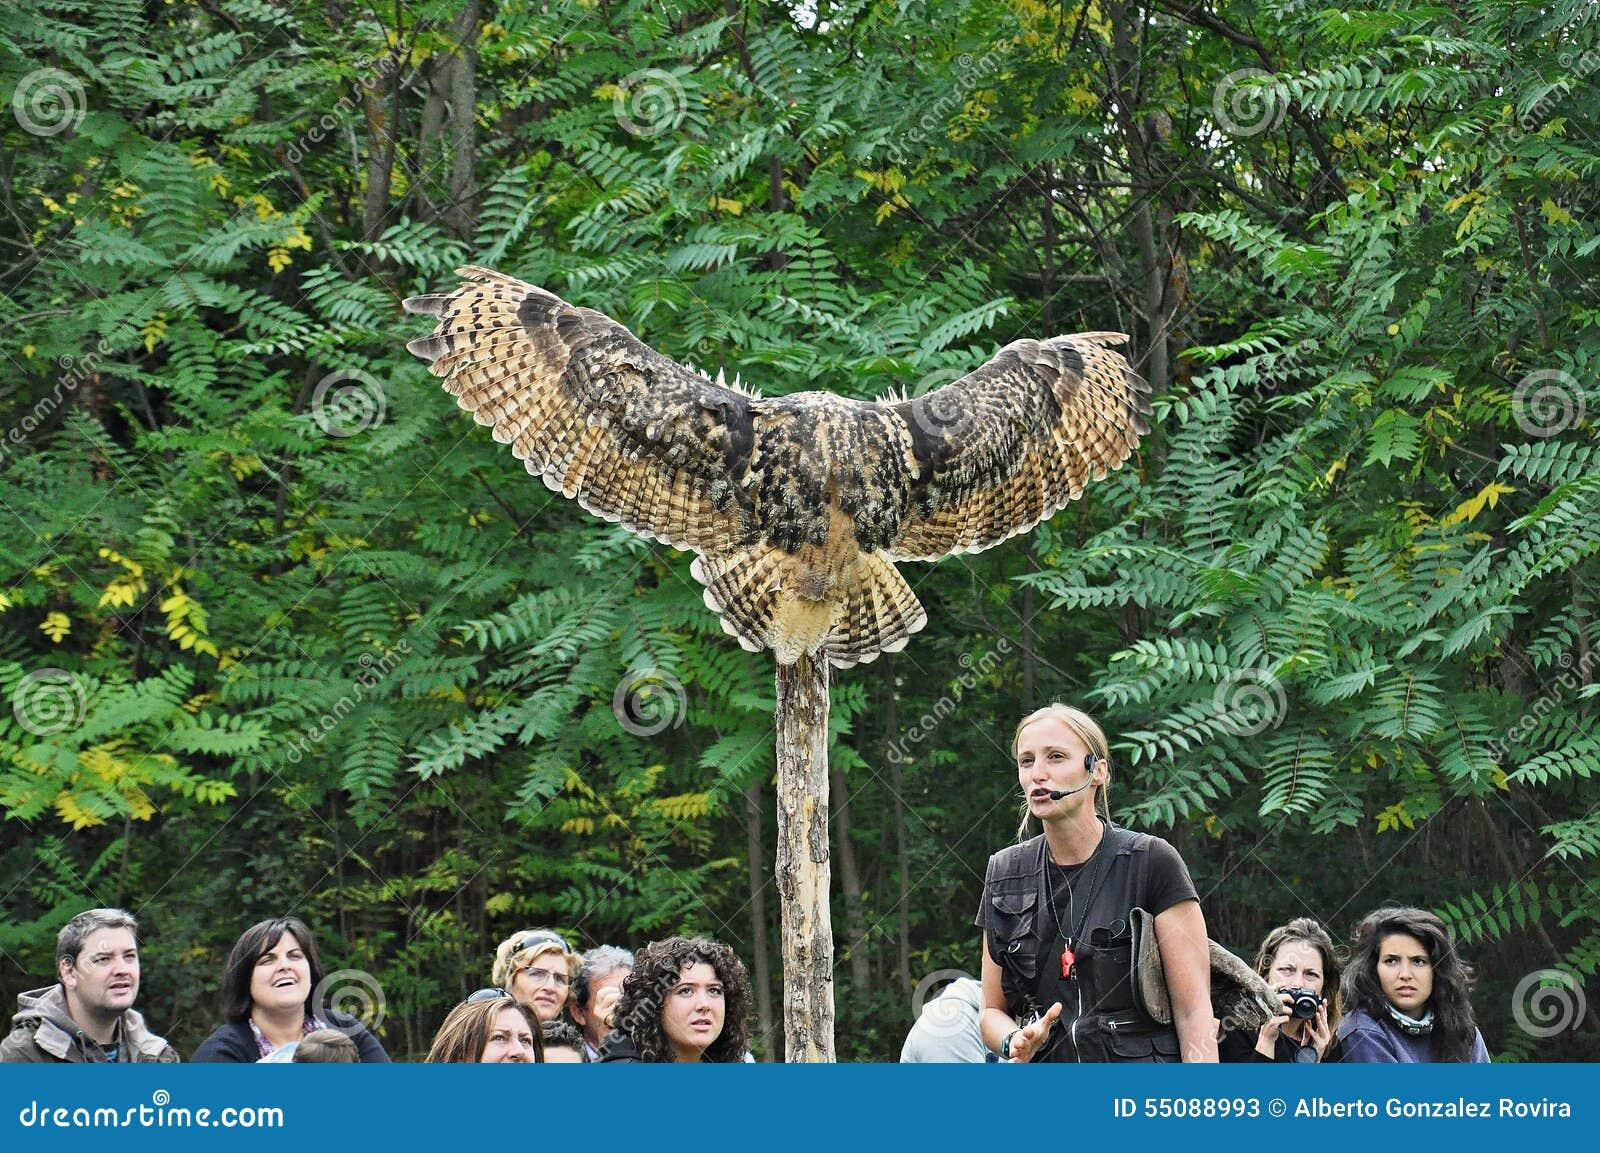 Birds of prey exhibition